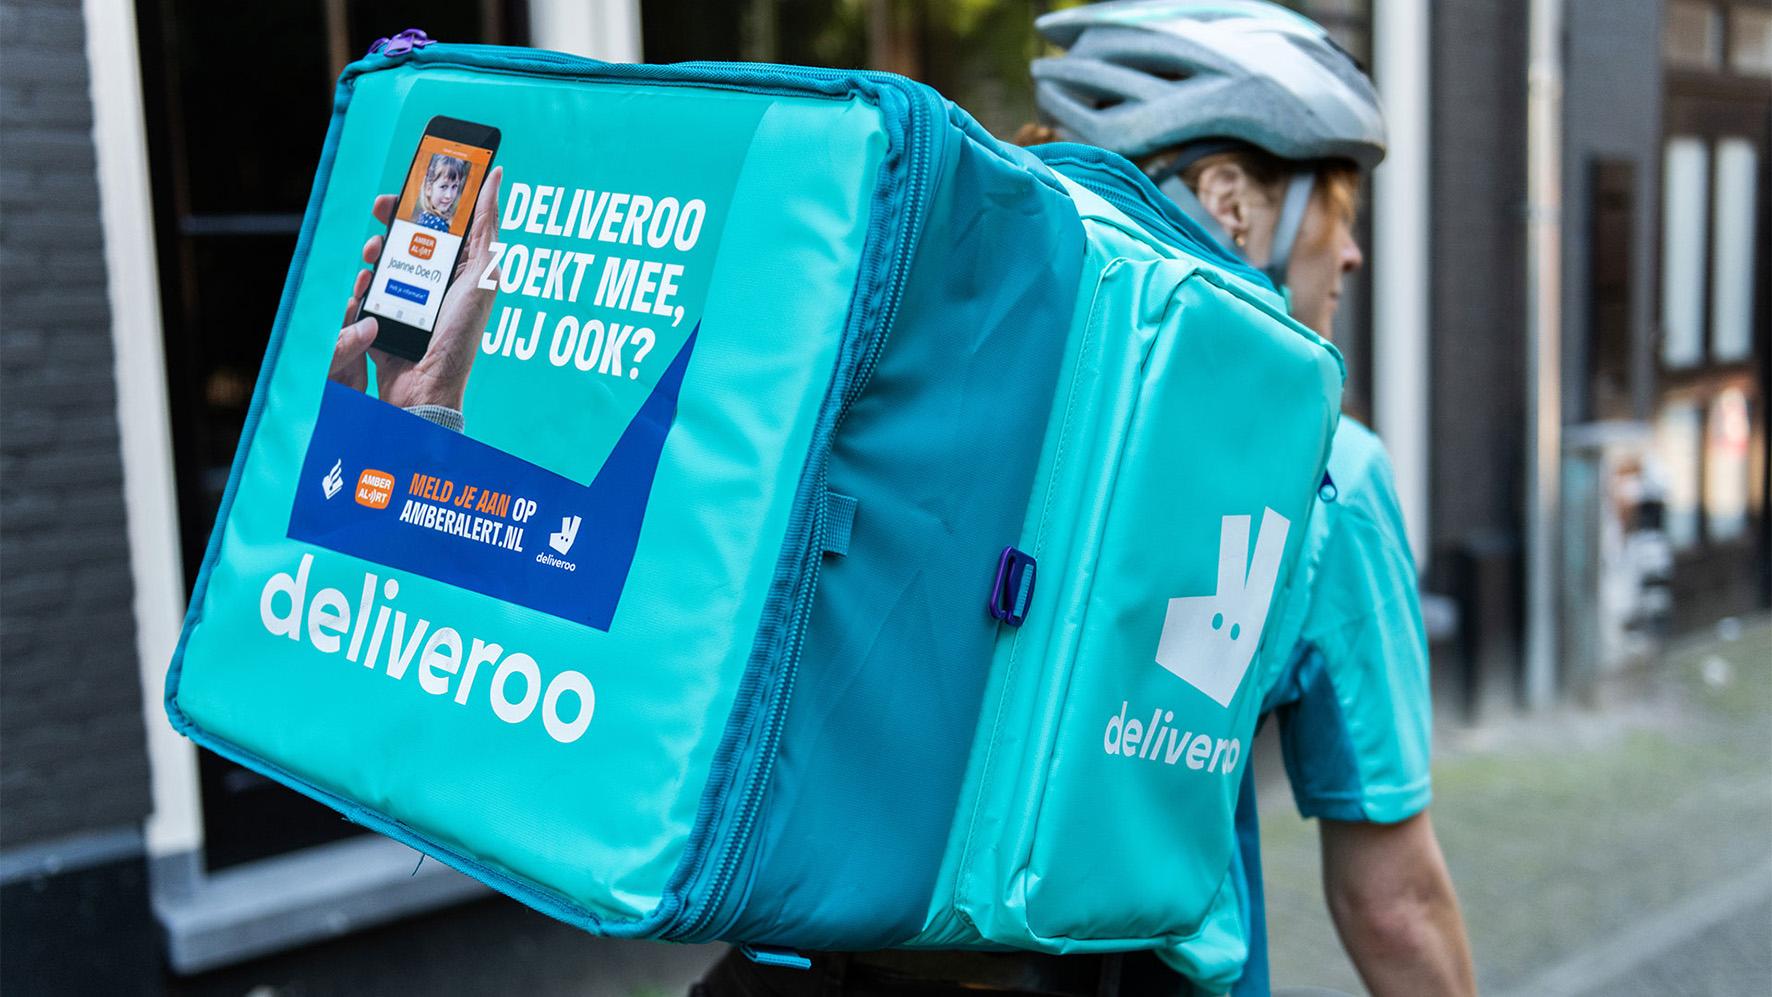 Deliveroo-bezorgers zoeken naar vermiste personen, 'hoe meer mensen uitkijken, hoe beter'